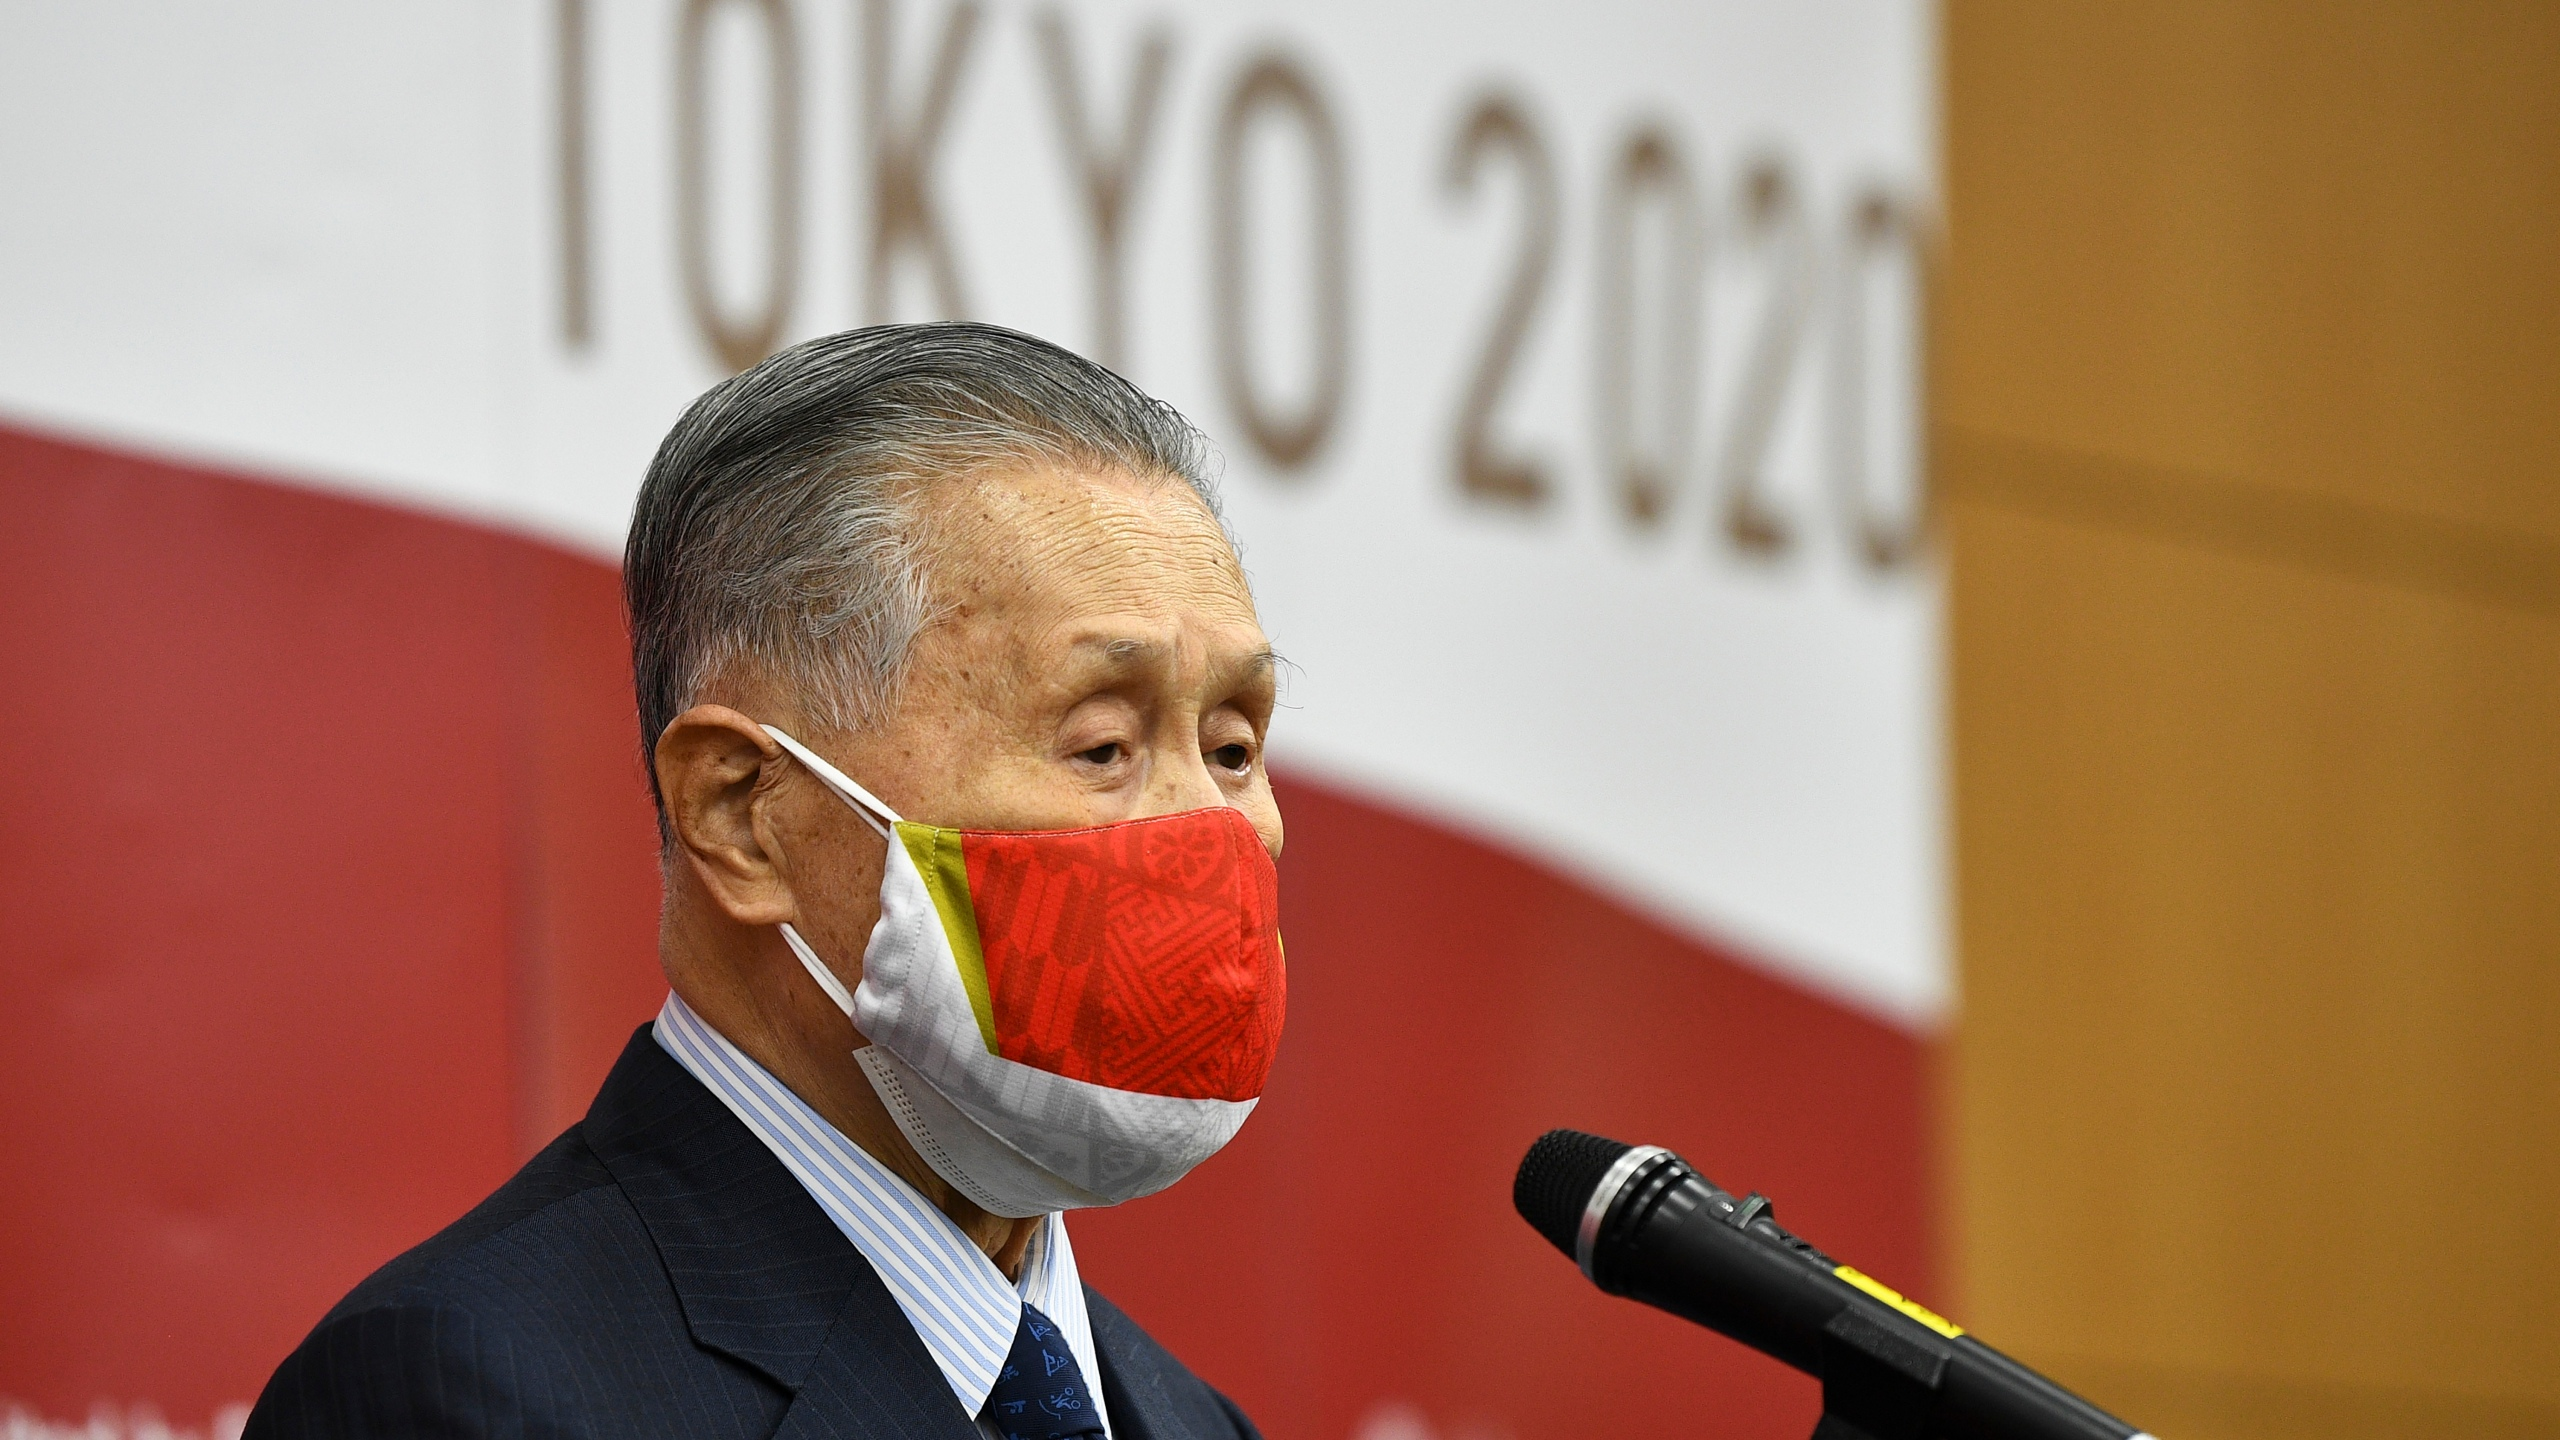 Yoshi Mori